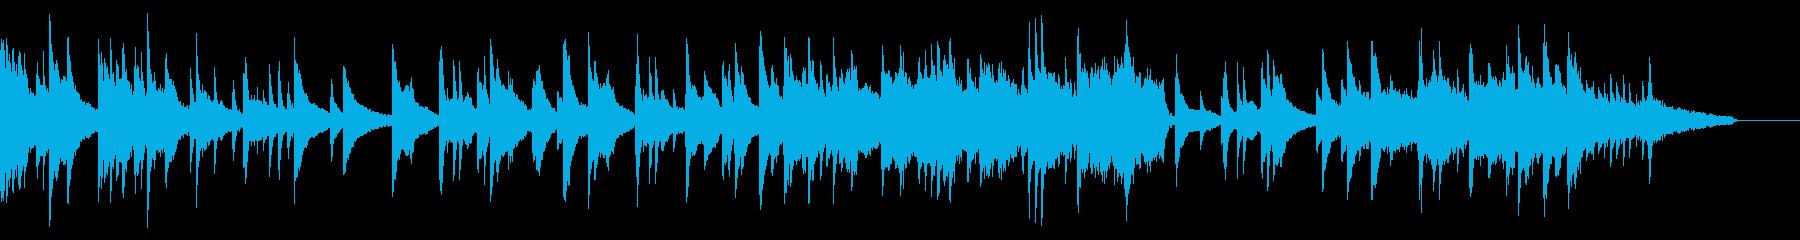 ピアノとストリングスのしっとり系BGMの再生済みの波形